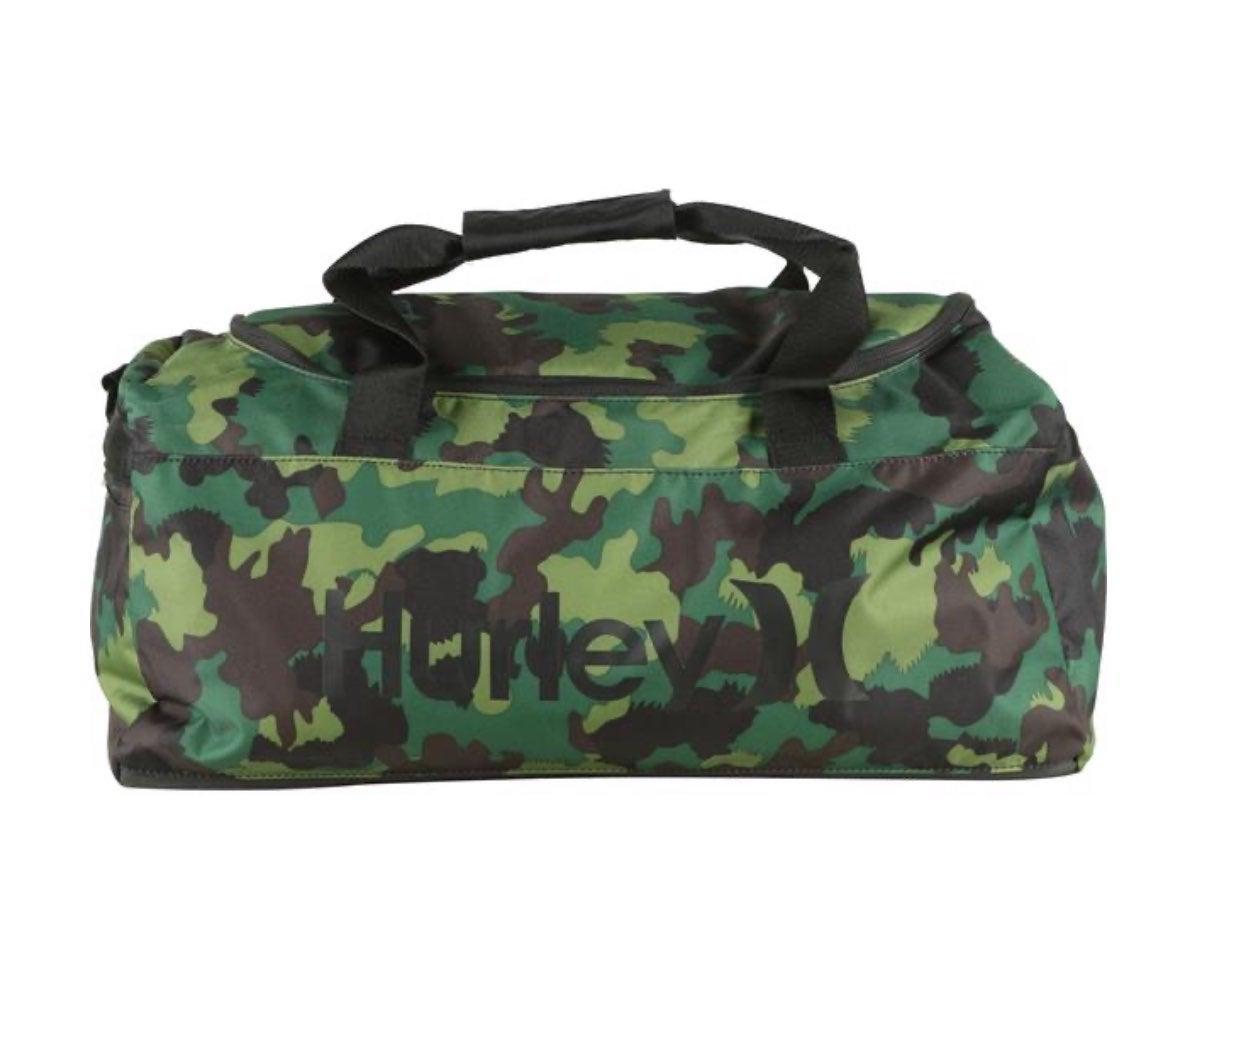 Hurley Renegade Printed Duffel Bag